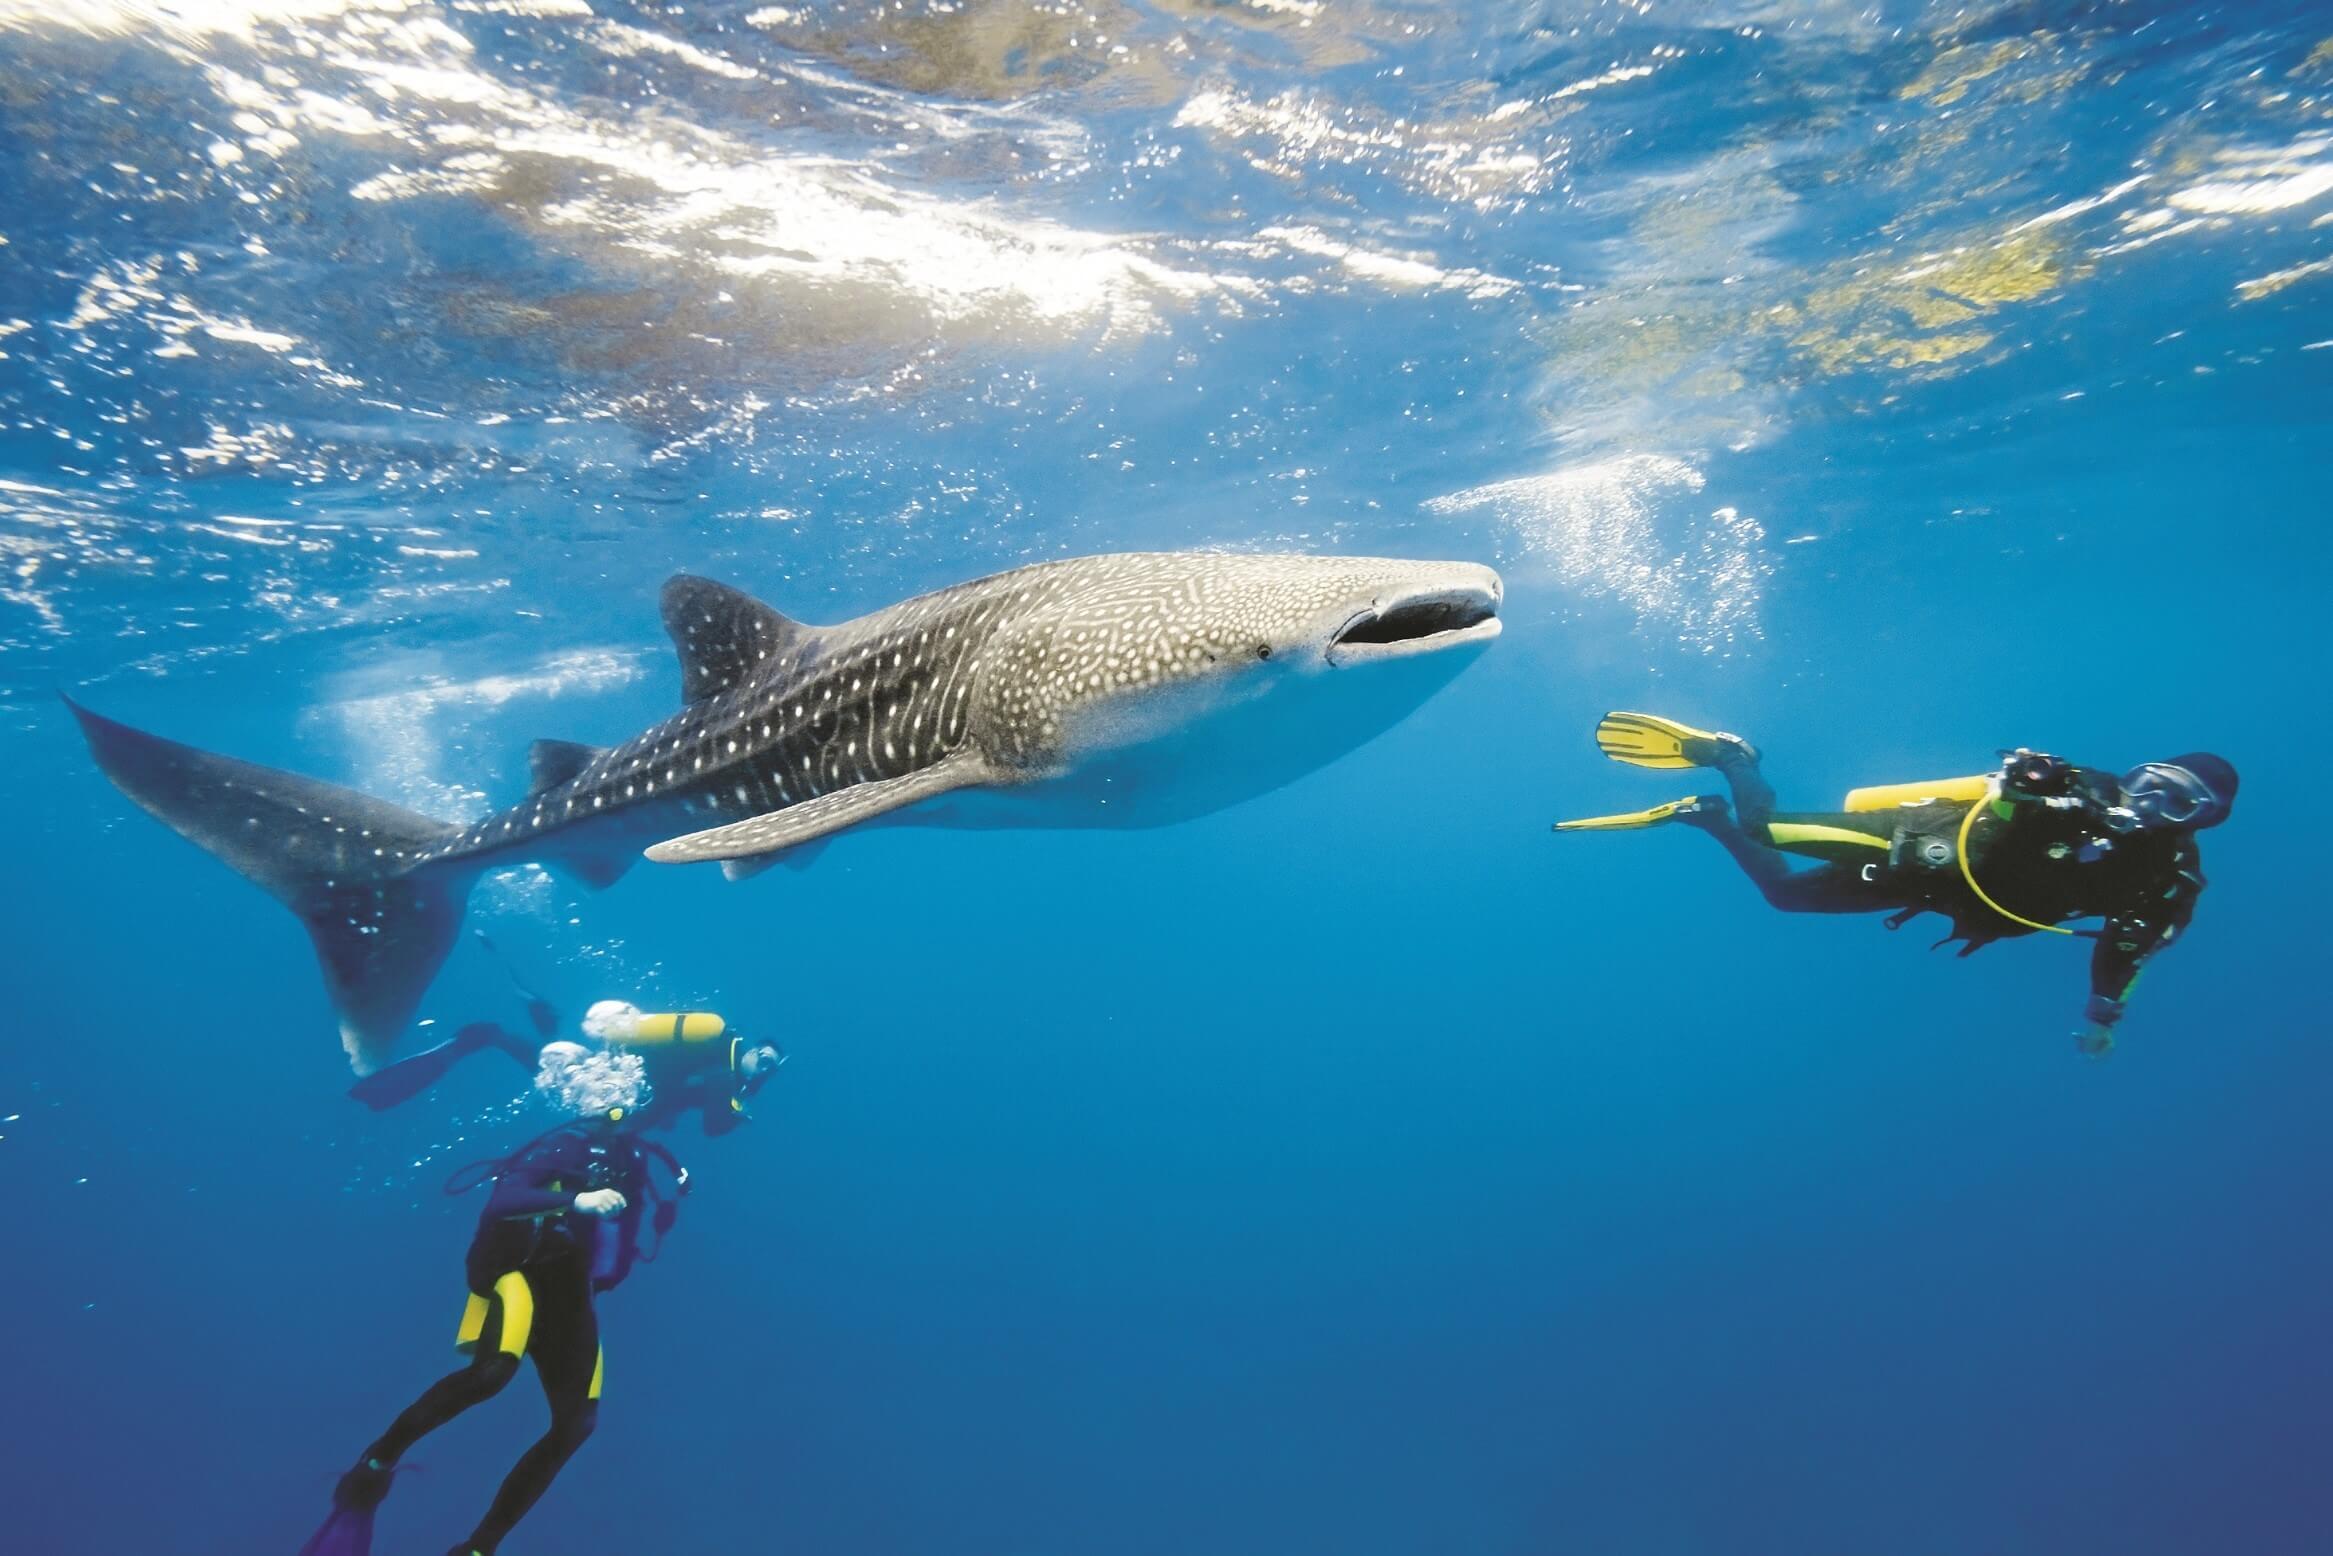 eksoottisia vesiurheilulajeja ja aktiviteetteja on tarjolla malediiveilla